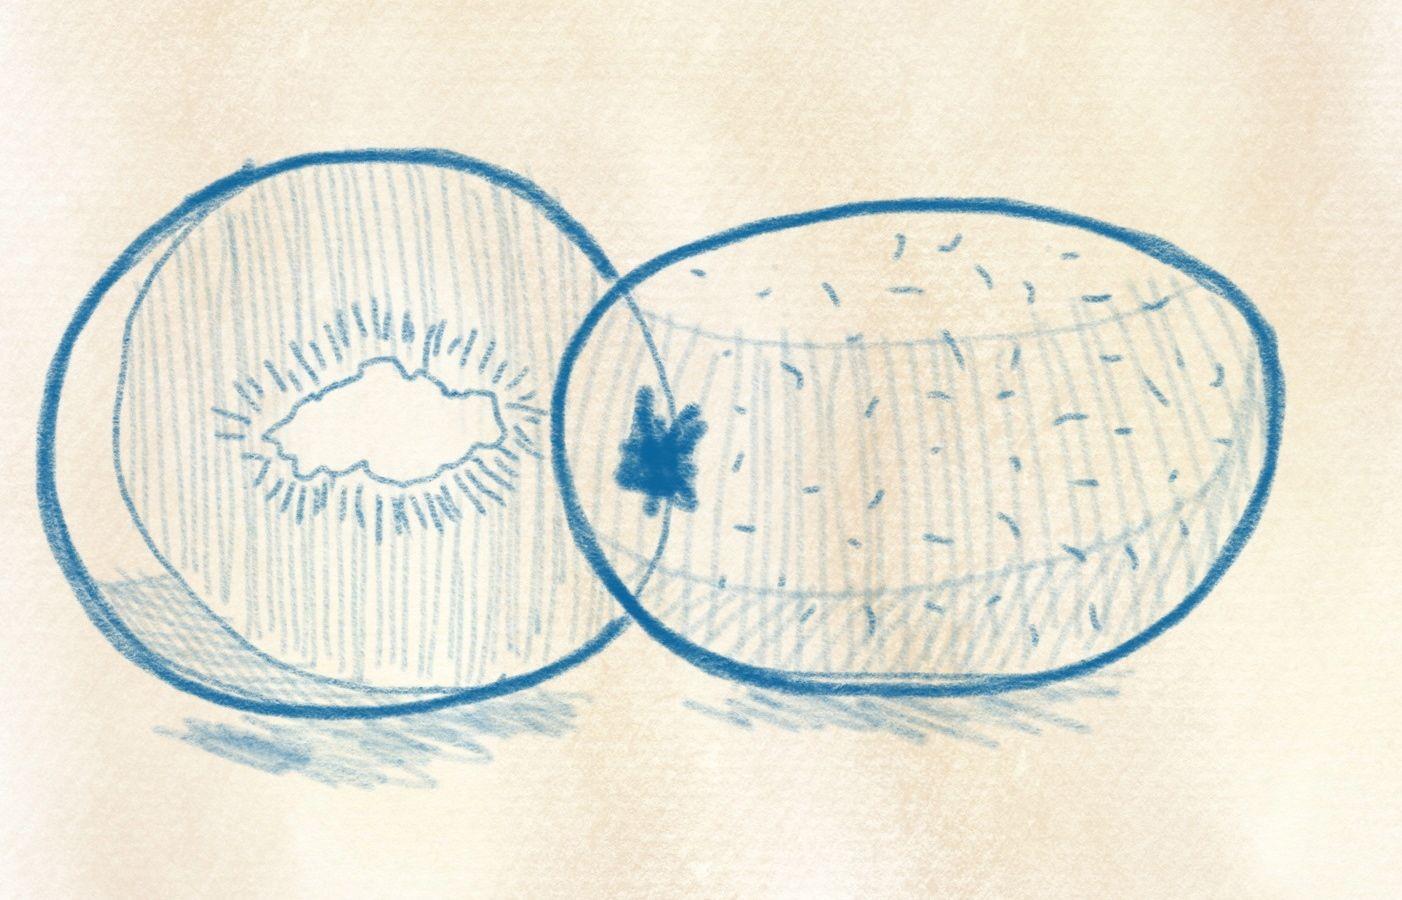 dinge zeichnen wie zeichnet man eine kiwi. Black Bedroom Furniture Sets. Home Design Ideas